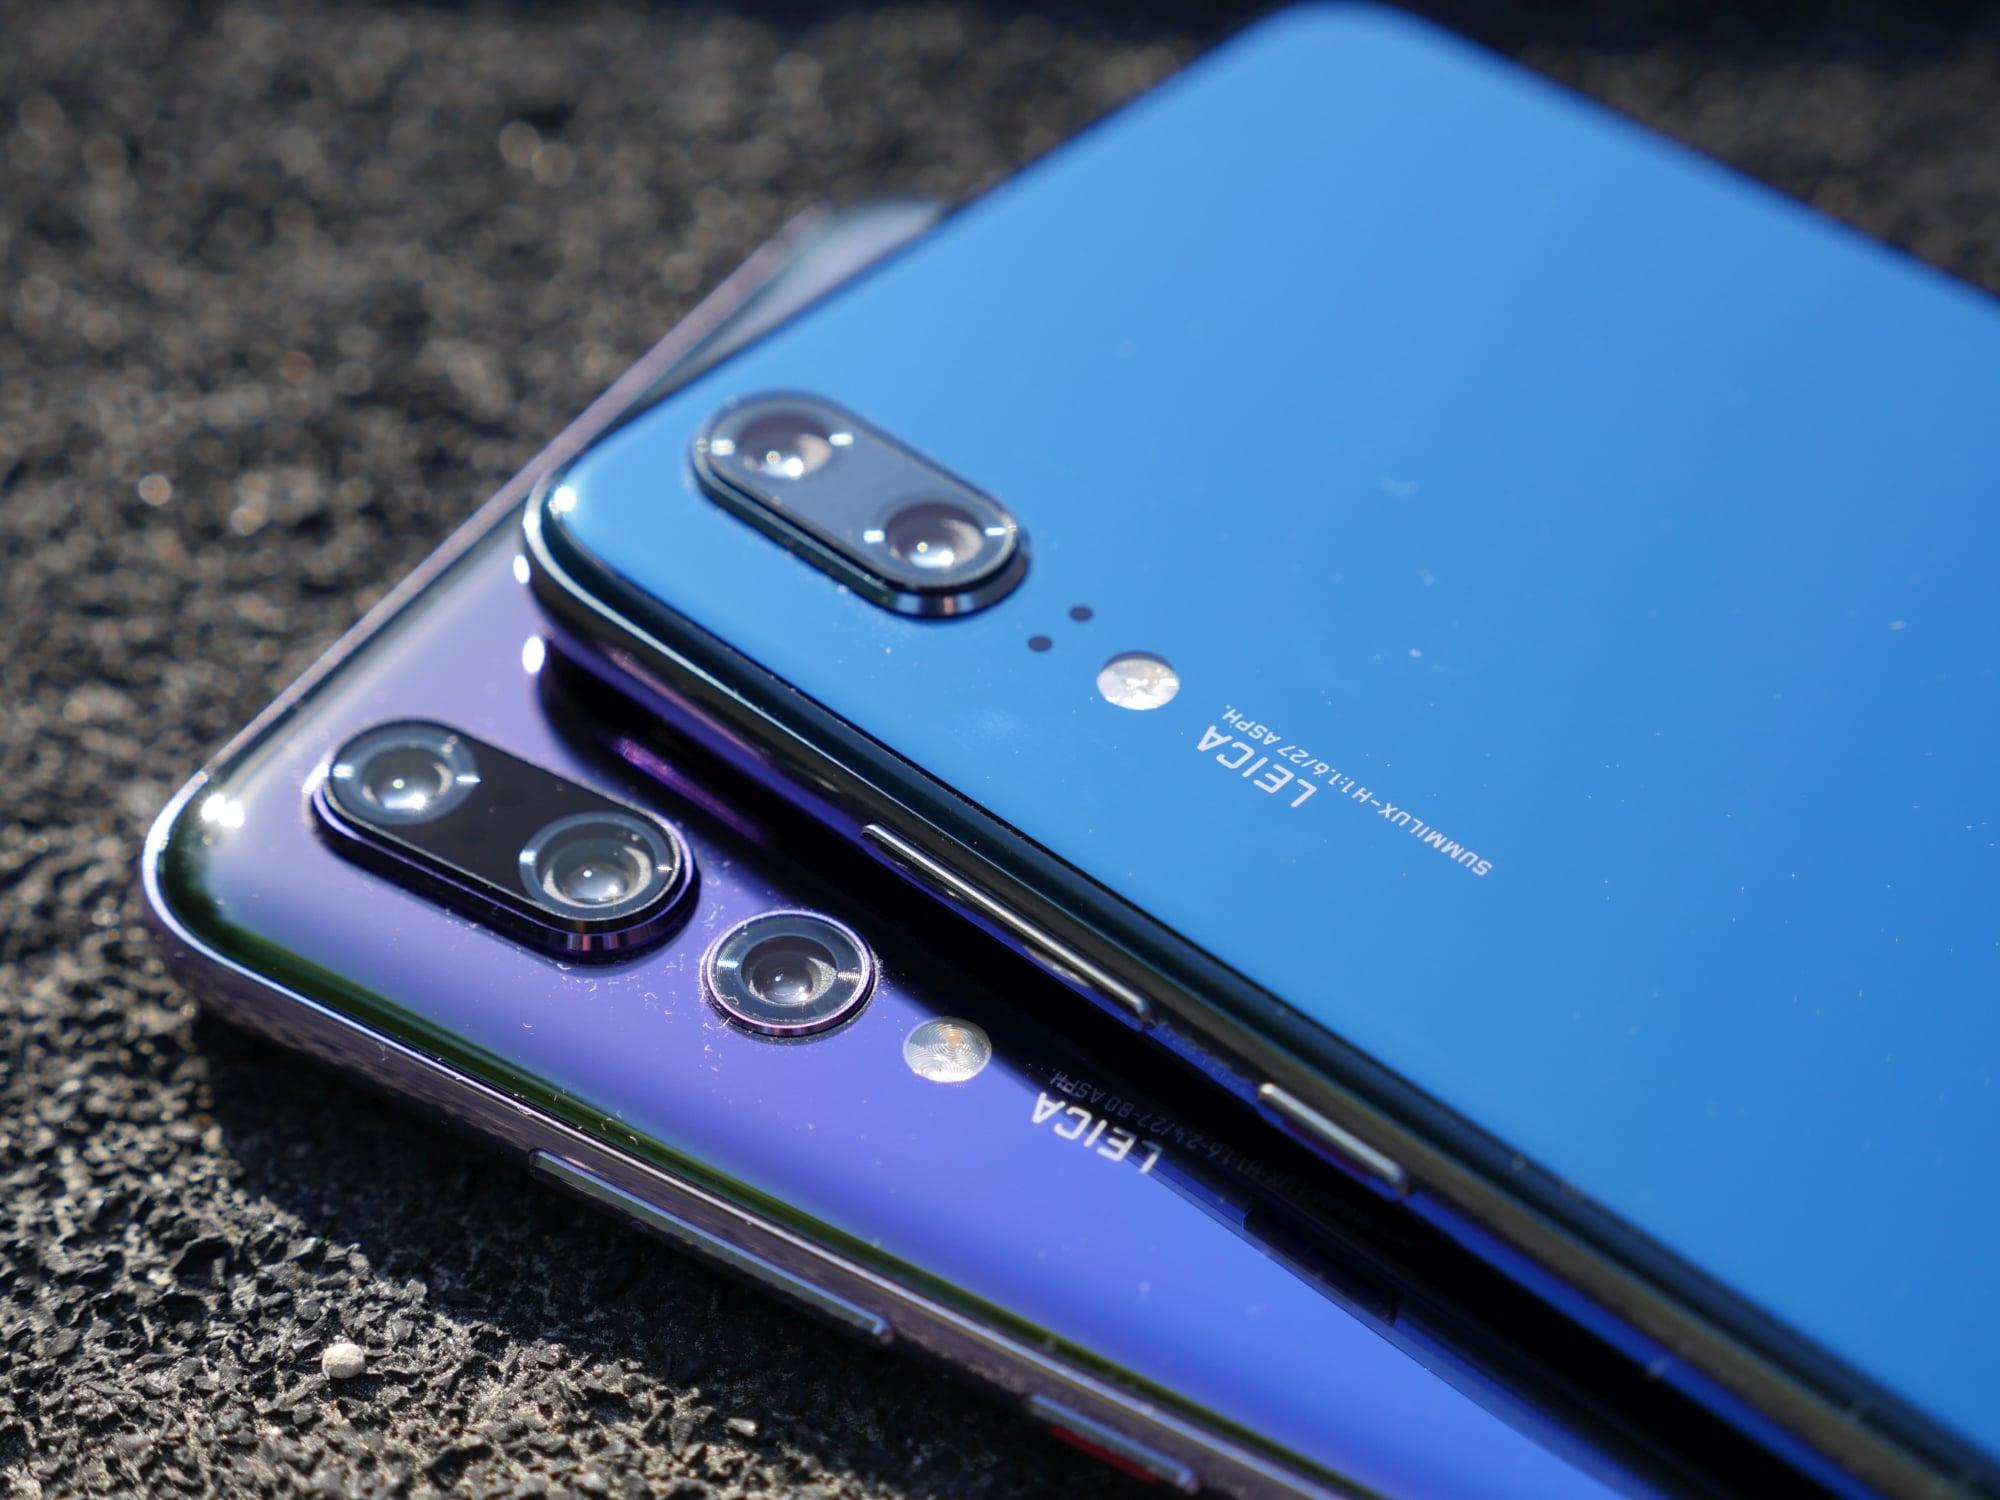 Świetna promocja: Huawei P20 Pro i P20 o kolejne 200 złotych taniej!